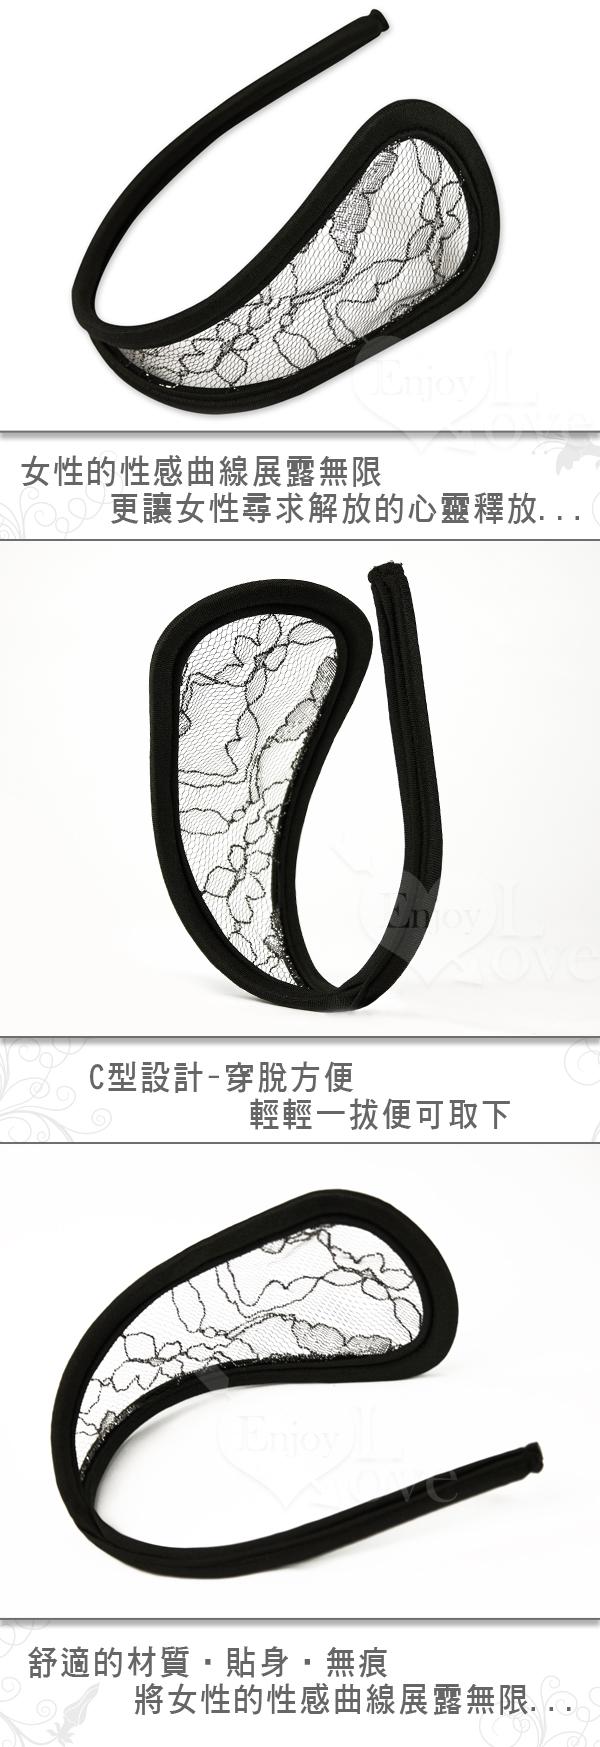 銀絲花朵透明時尚隱形C字褲